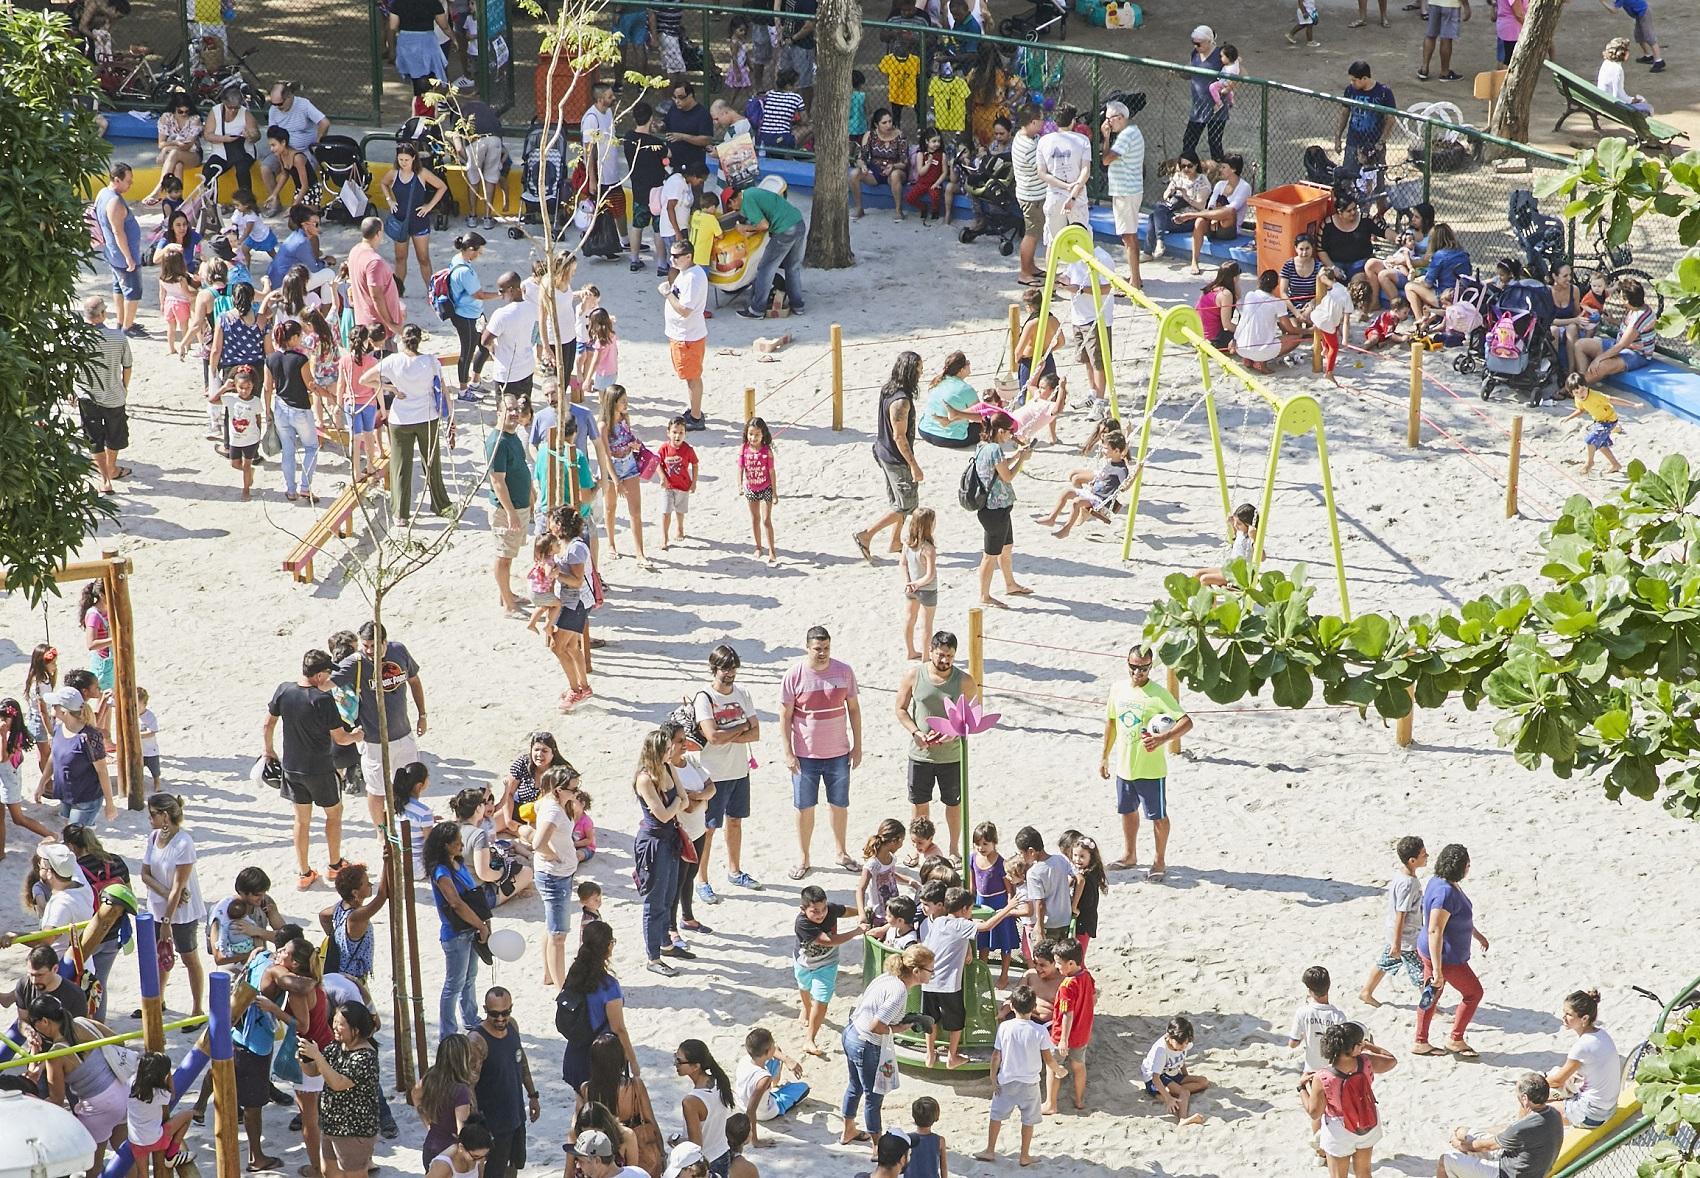 Uma das praças reformadas: lugar de colaboração e brincadeira (Foto Divulgação/Gloob)